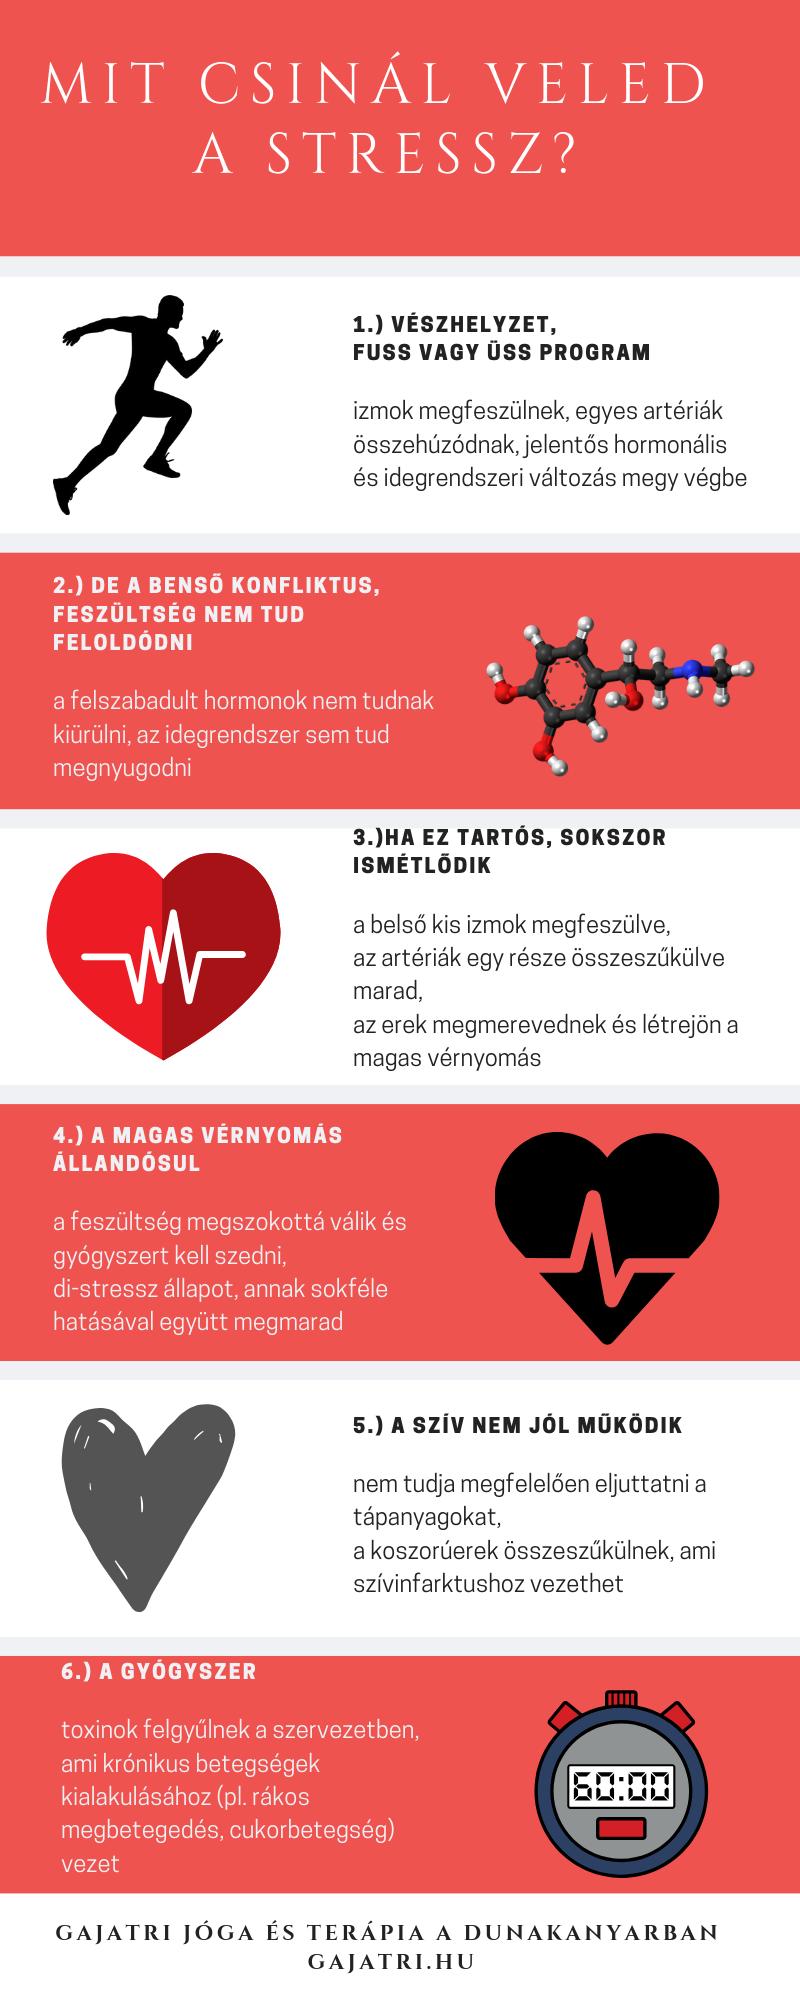 magas vérnyomás kezelés a tenger mellett)